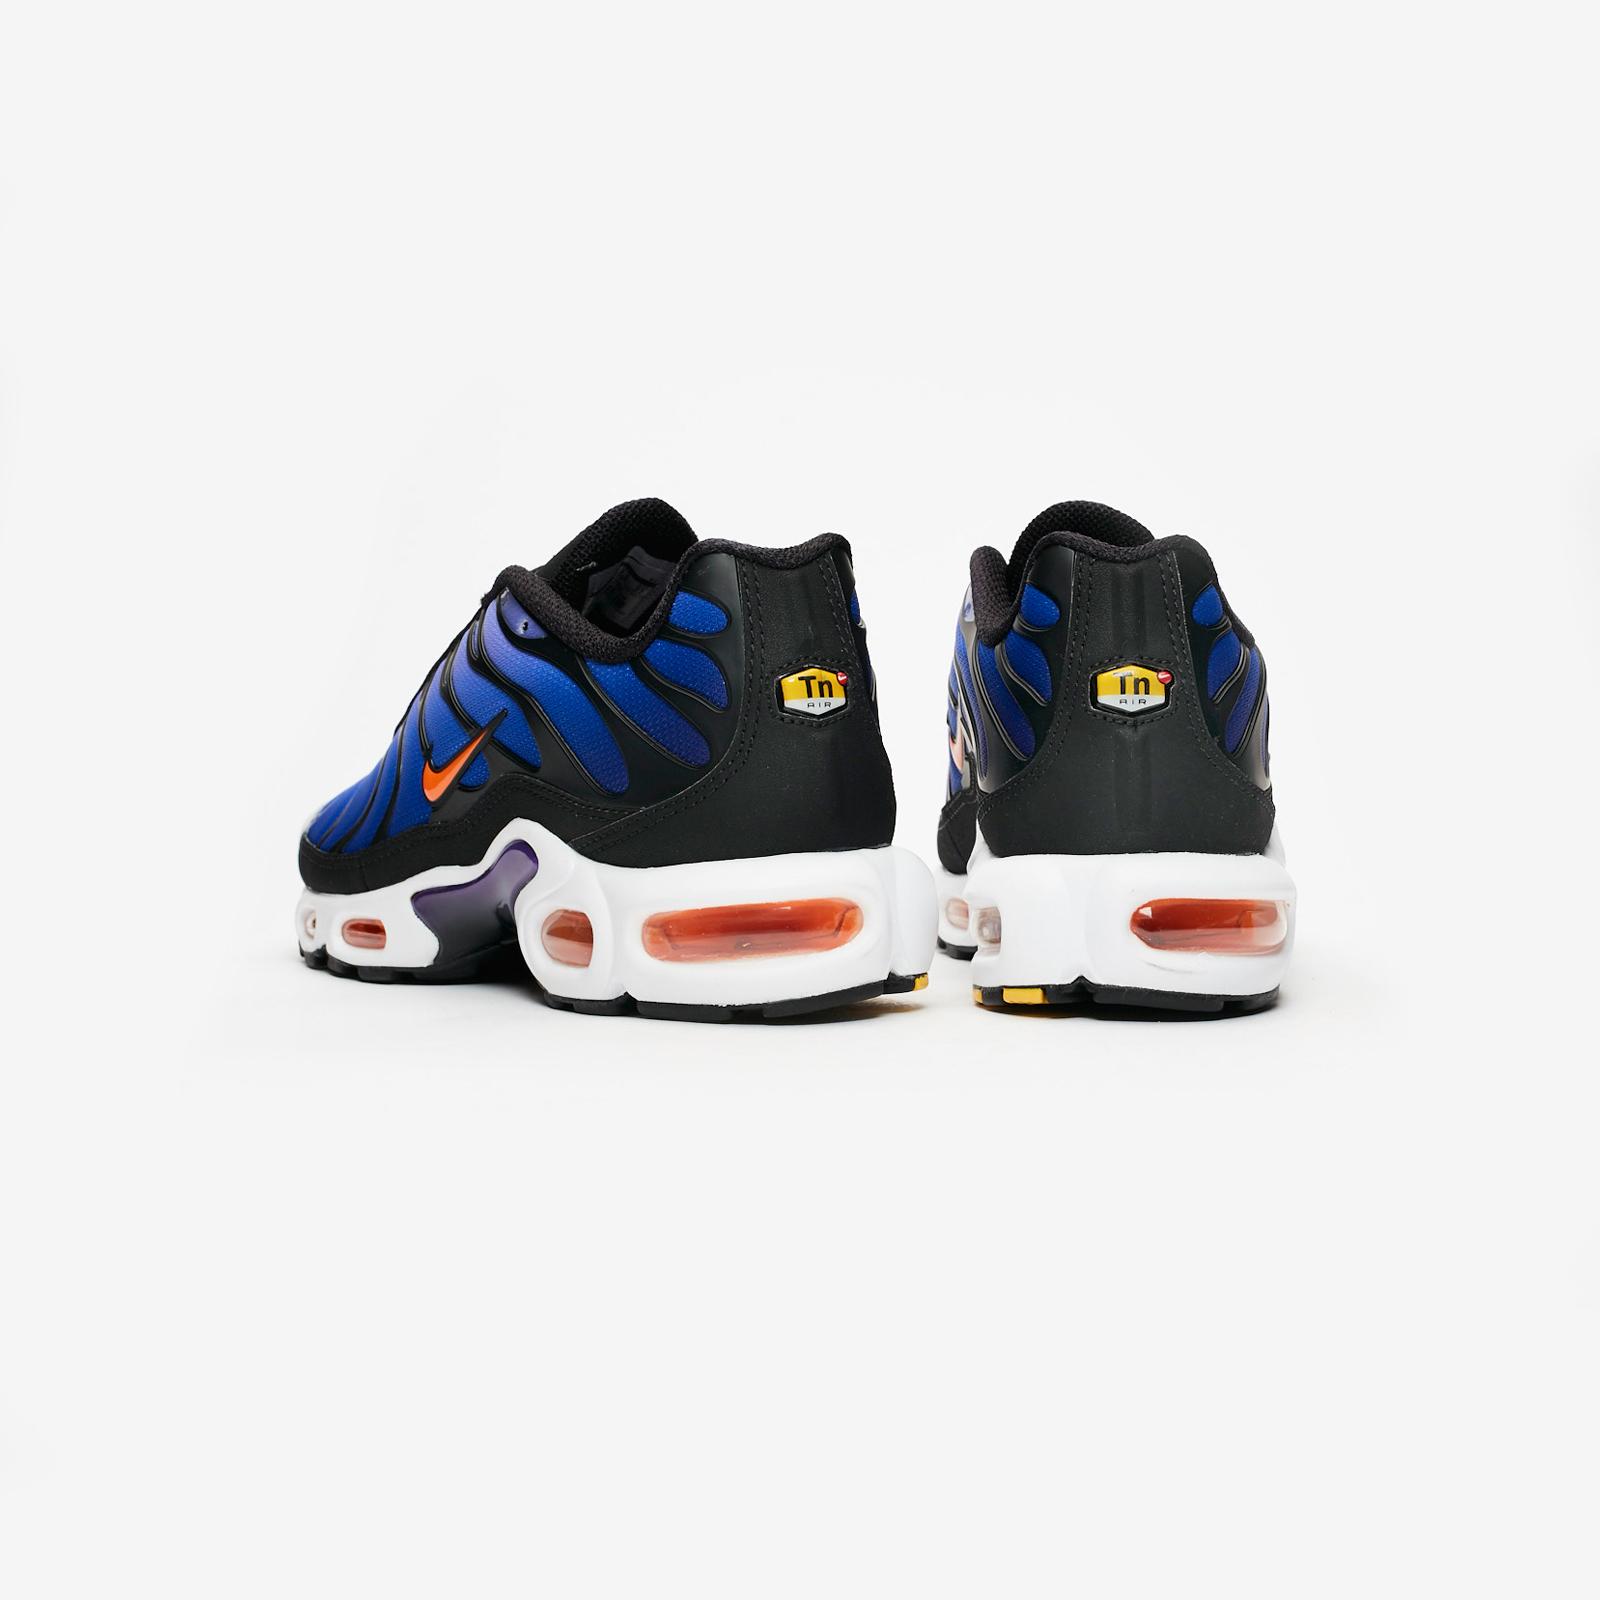 45c8135adf Nike Air Max Plus OG - Bq4629-002 - Sneakersnstuff   sneakers & streetwear  online since 1999